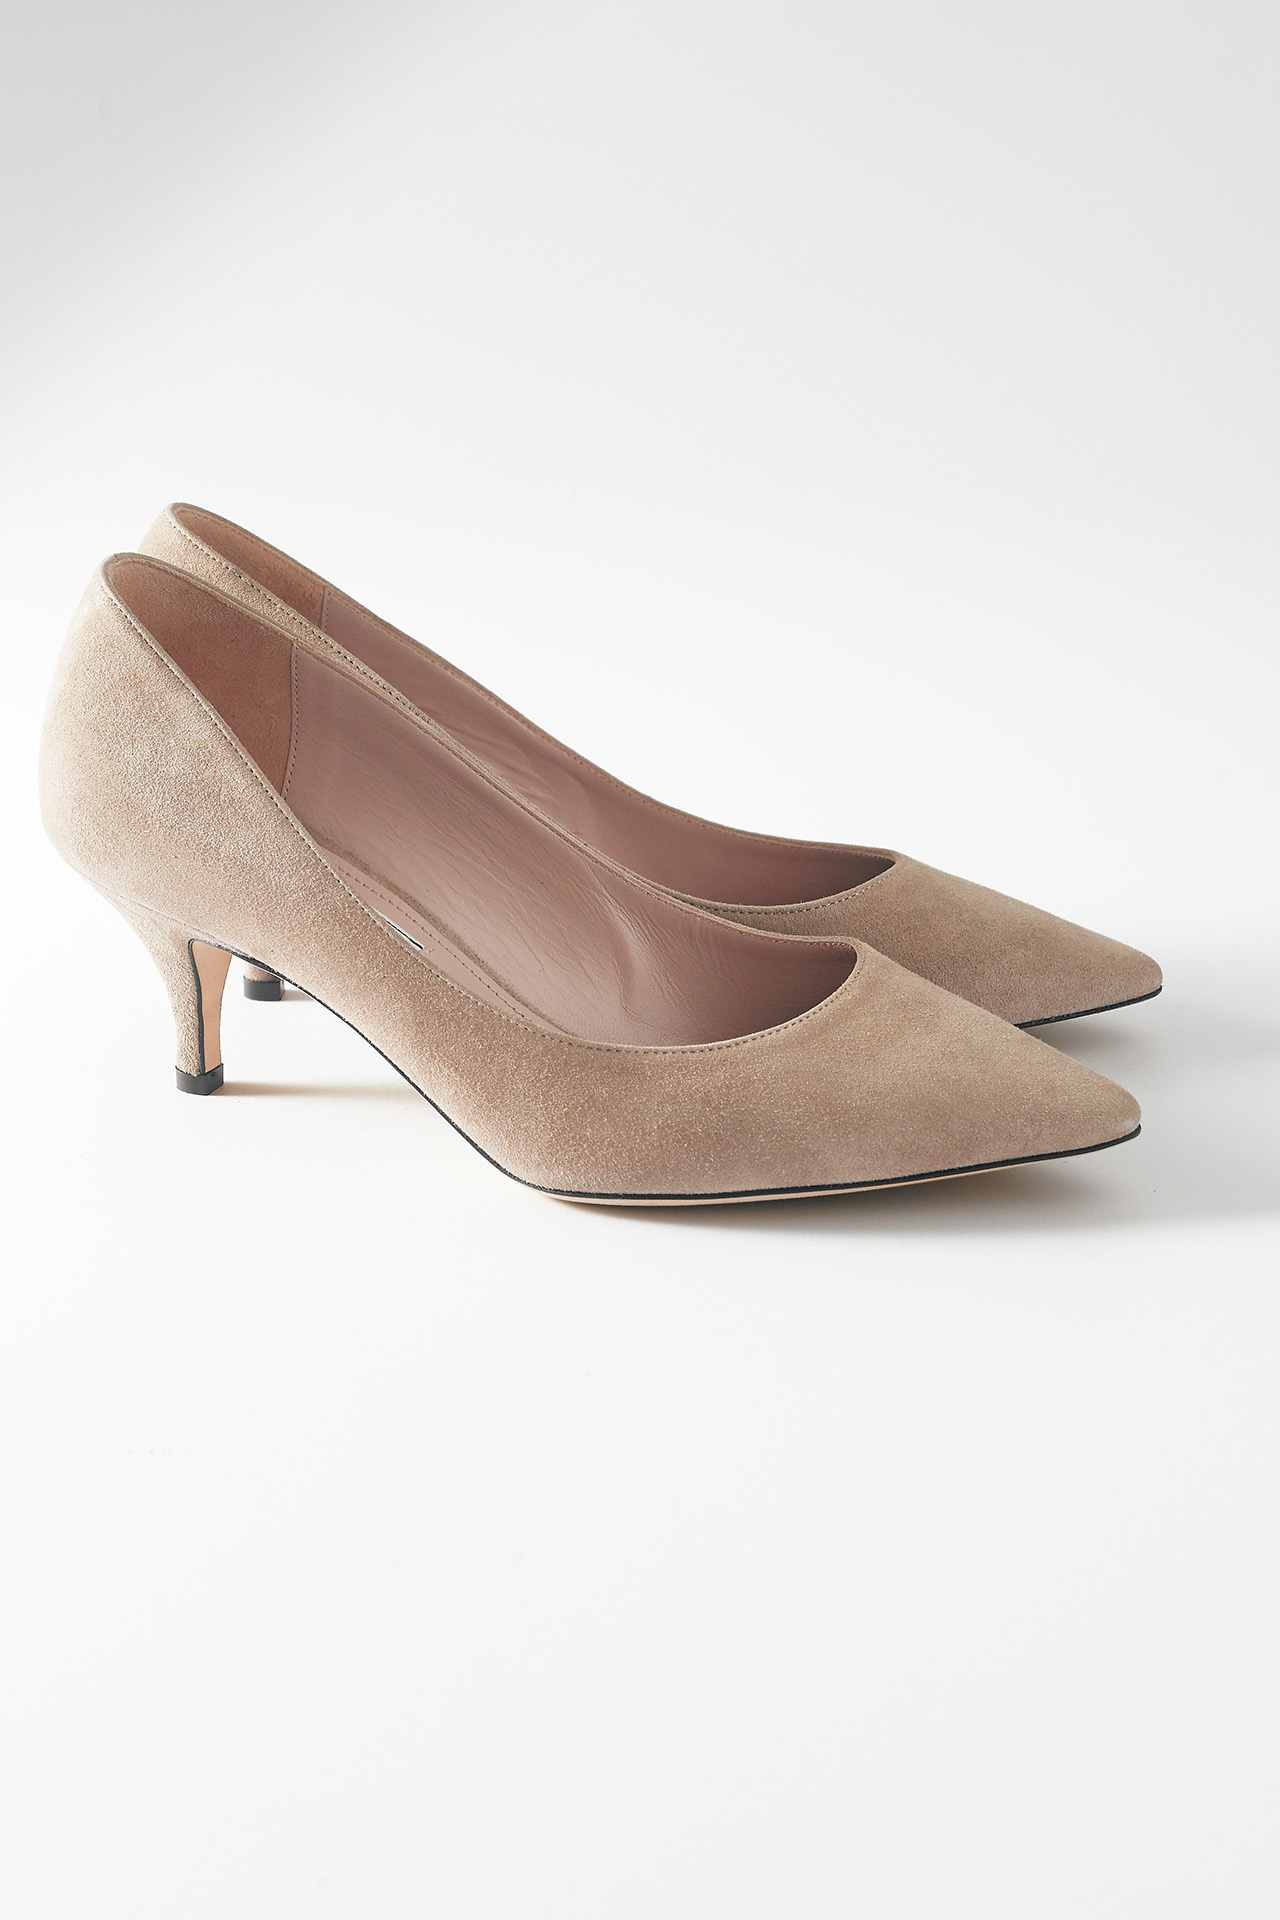 パンプス,靴,仕事靴